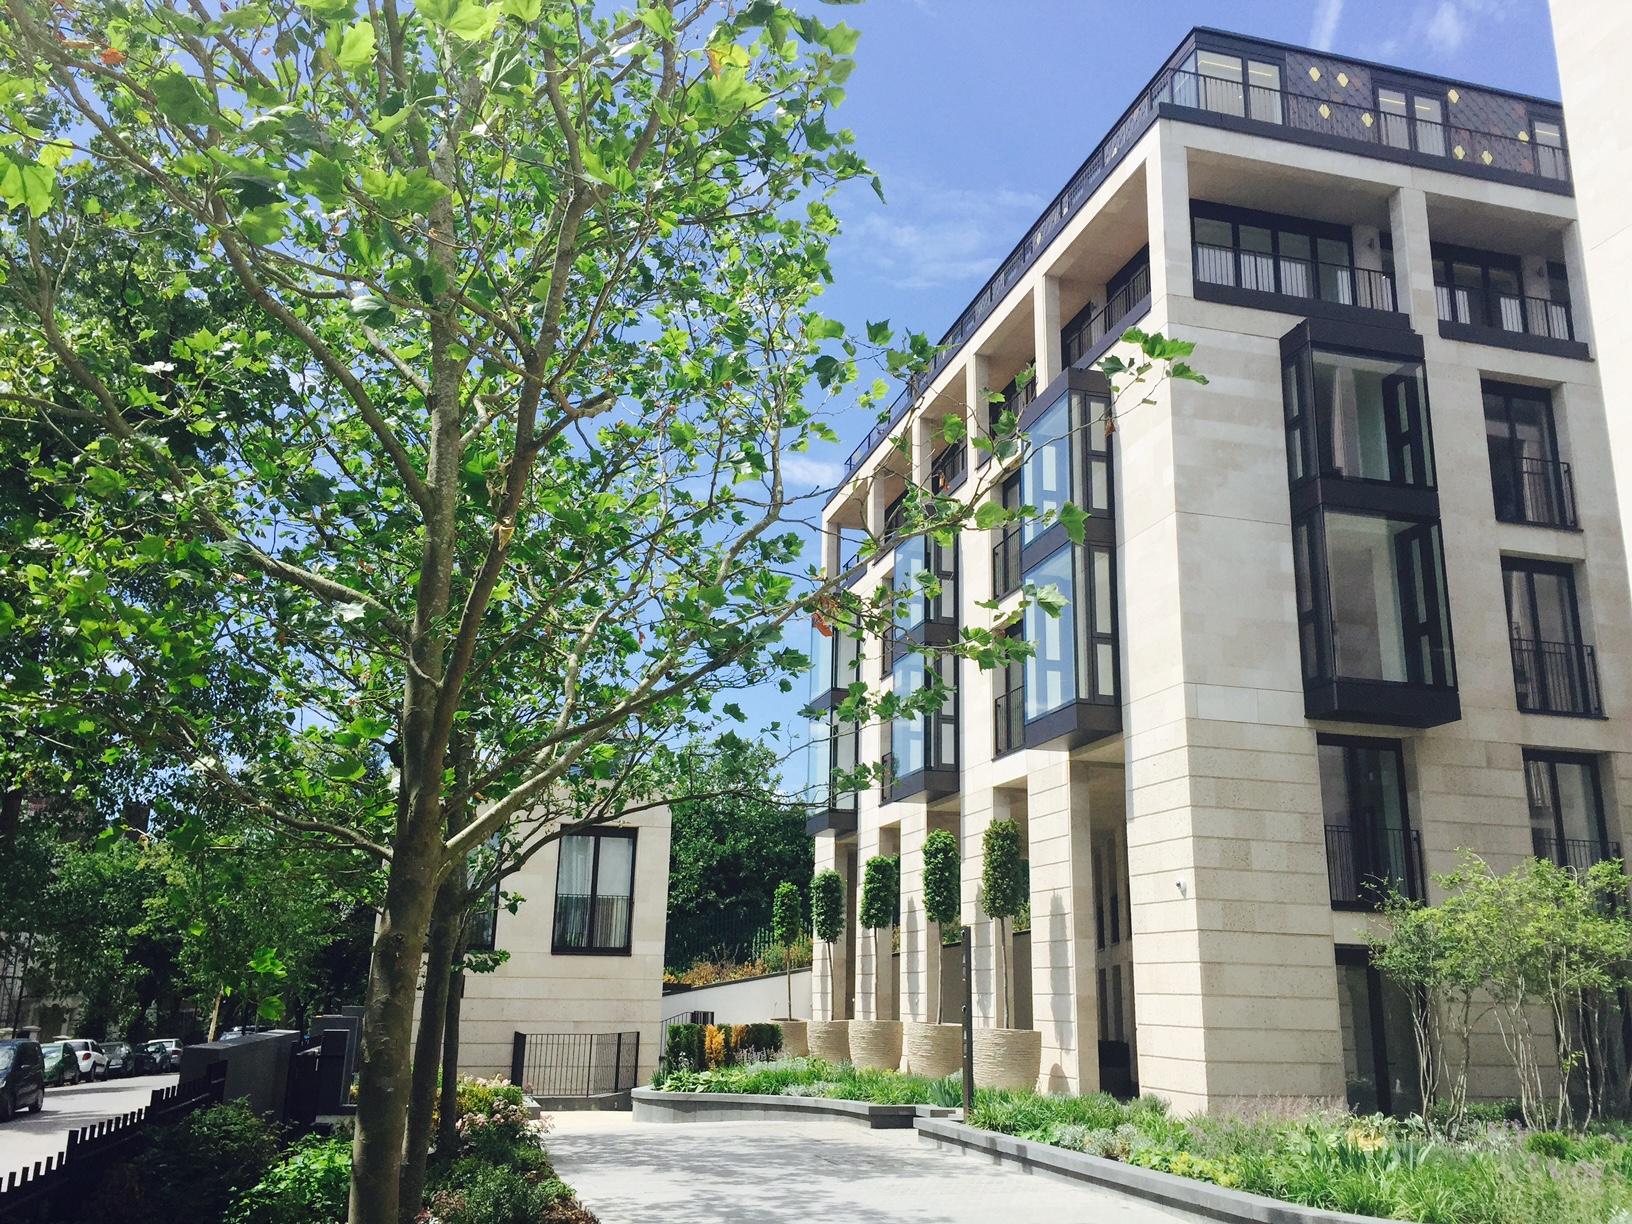 St Edmunds Terrace, London